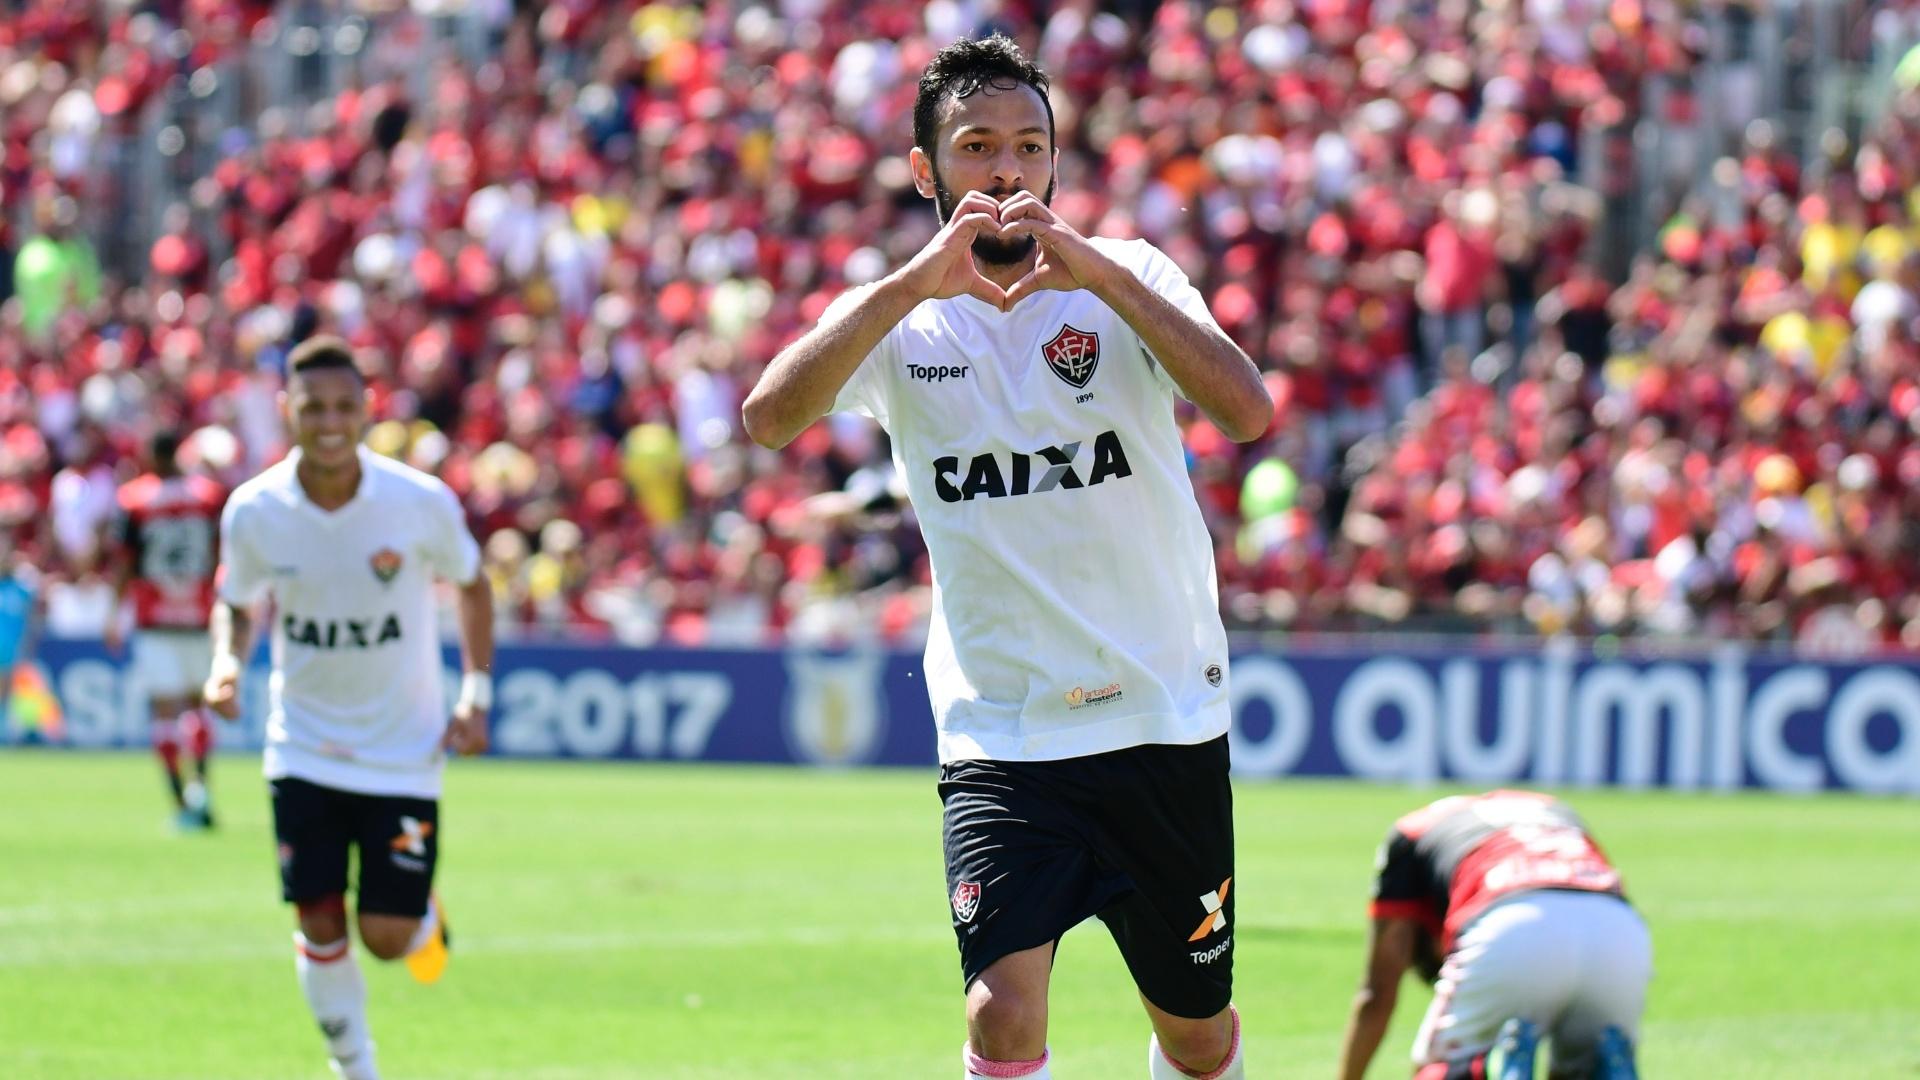 Yago comemora gol pelo Vitória contra o Flamengo